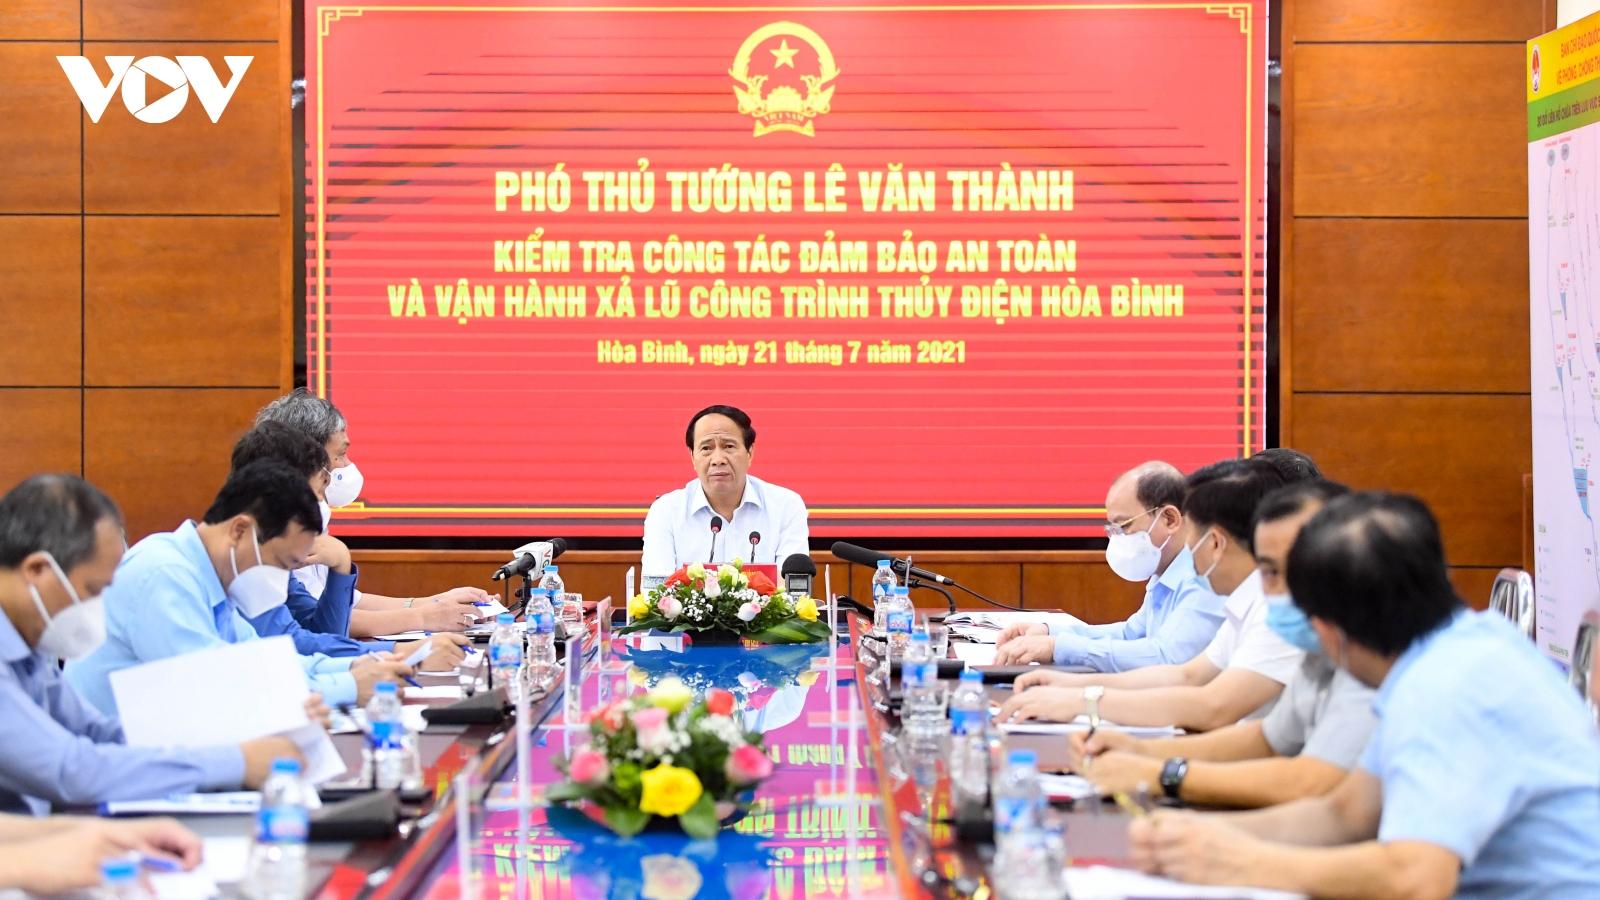 """Phó Thủ tướng Lê Văn Thành: """"EVN đôi khi phải hy sinh lợi ích vì việc chung"""""""